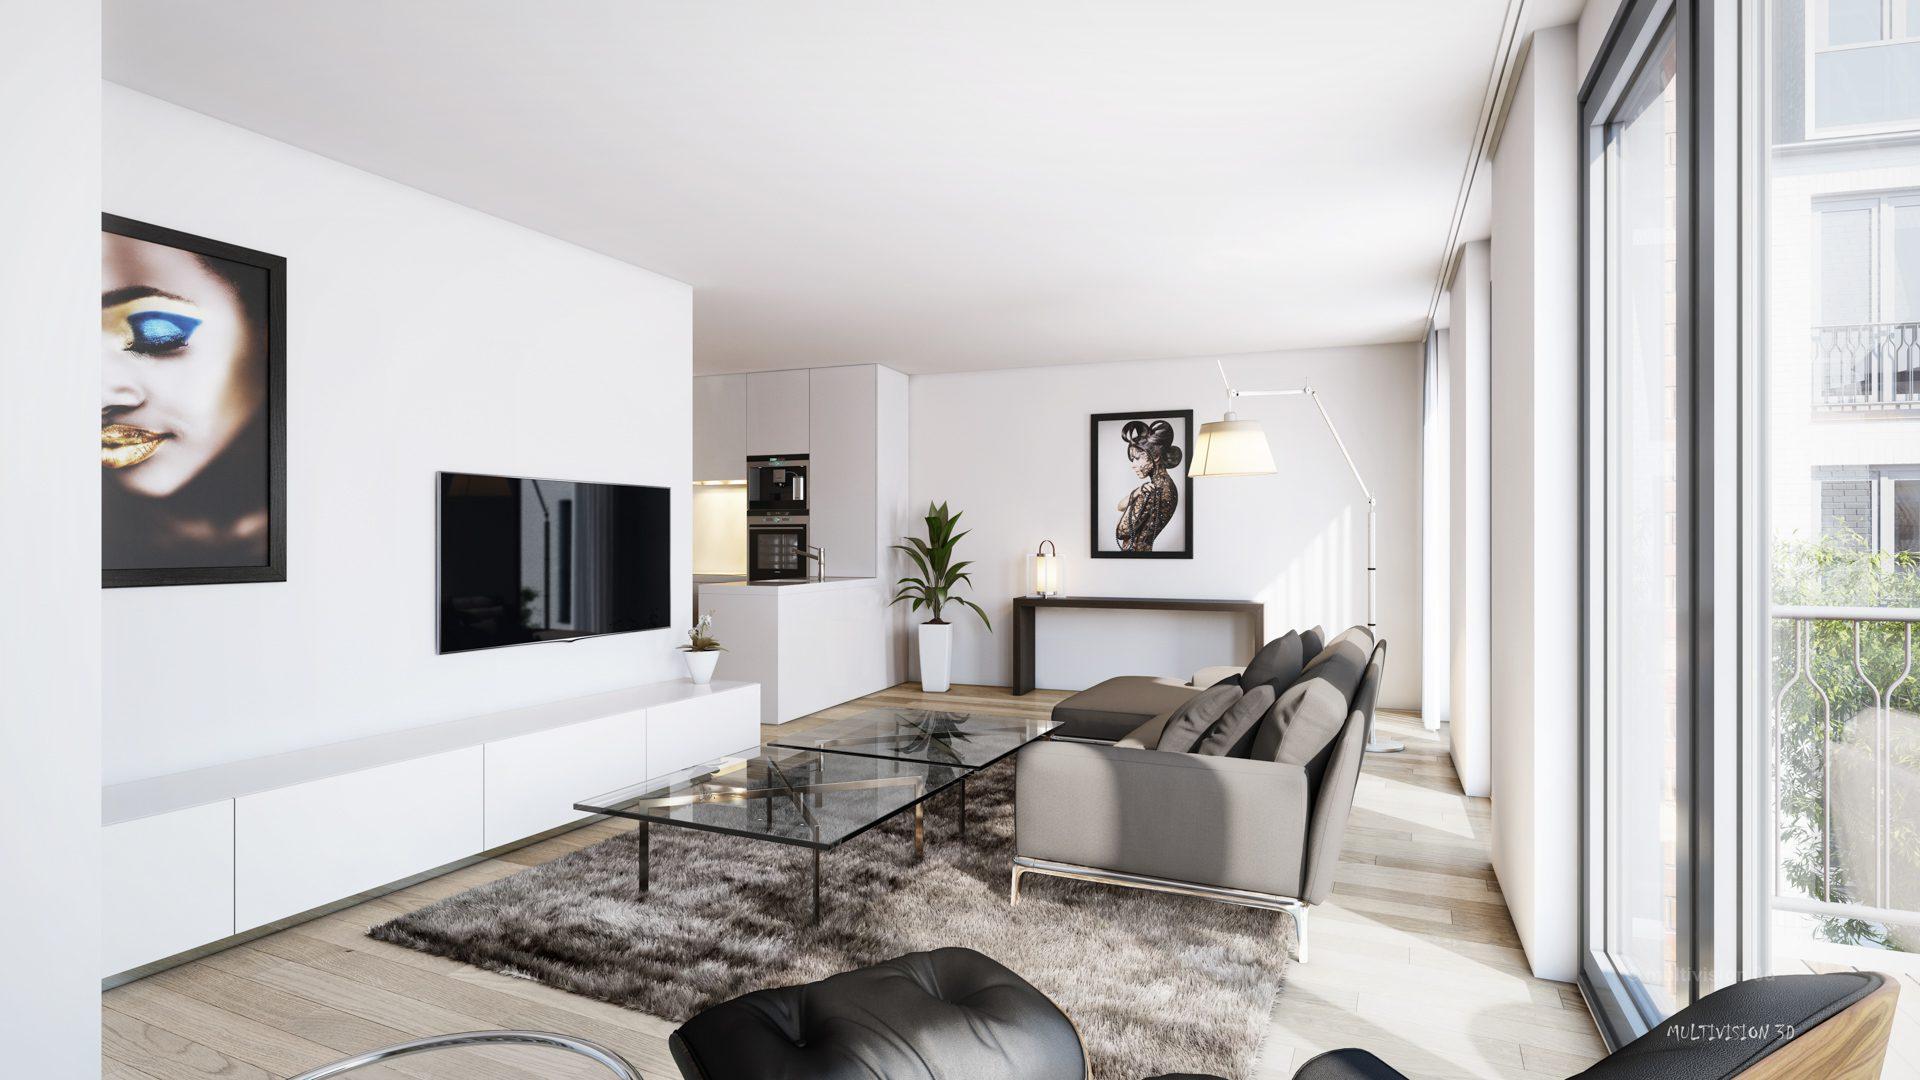 interieur impressie la cour bleue 3 multivision 3d visualisatie. Black Bedroom Furniture Sets. Home Design Ideas